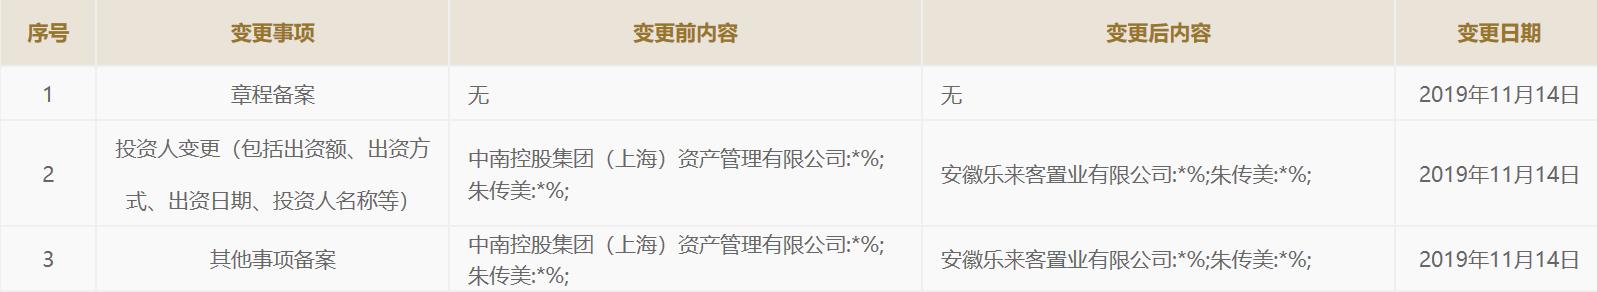 中南集团负债超2千亿退出两公司 接盘侠疑卷入腐败案